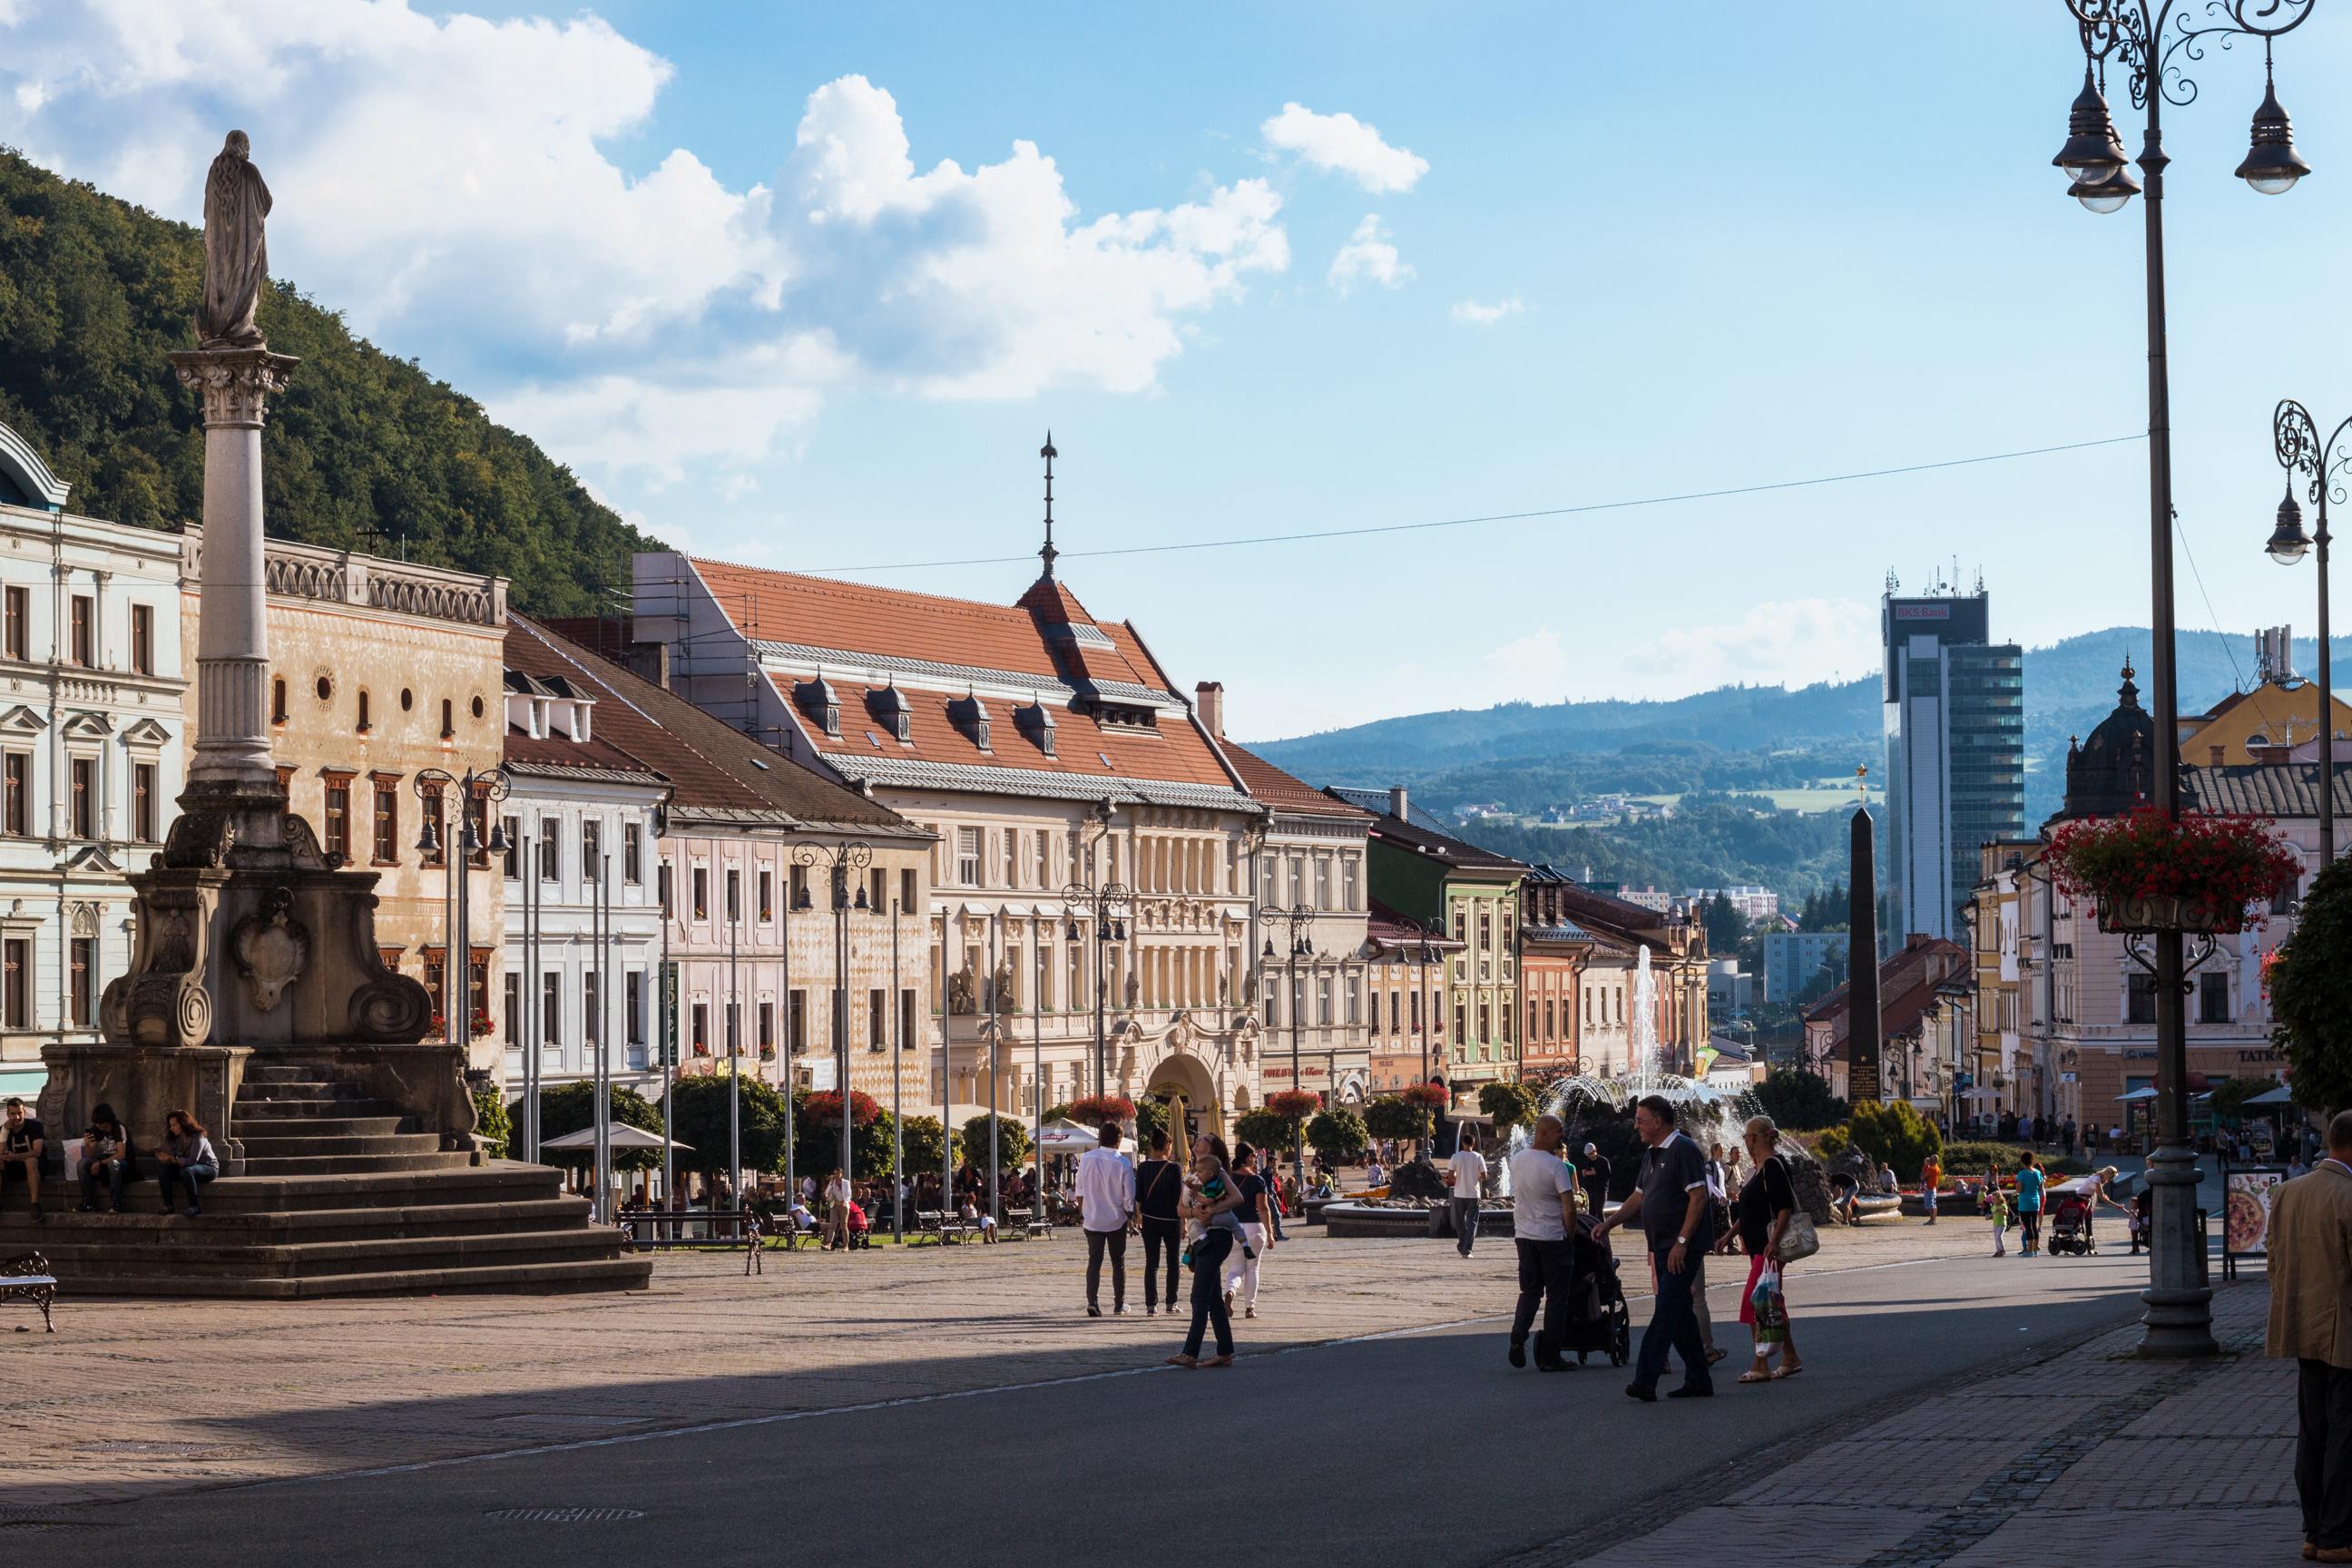 Plac Słowackiego Powstania Narodowego w Bańskiej Bystrzycy